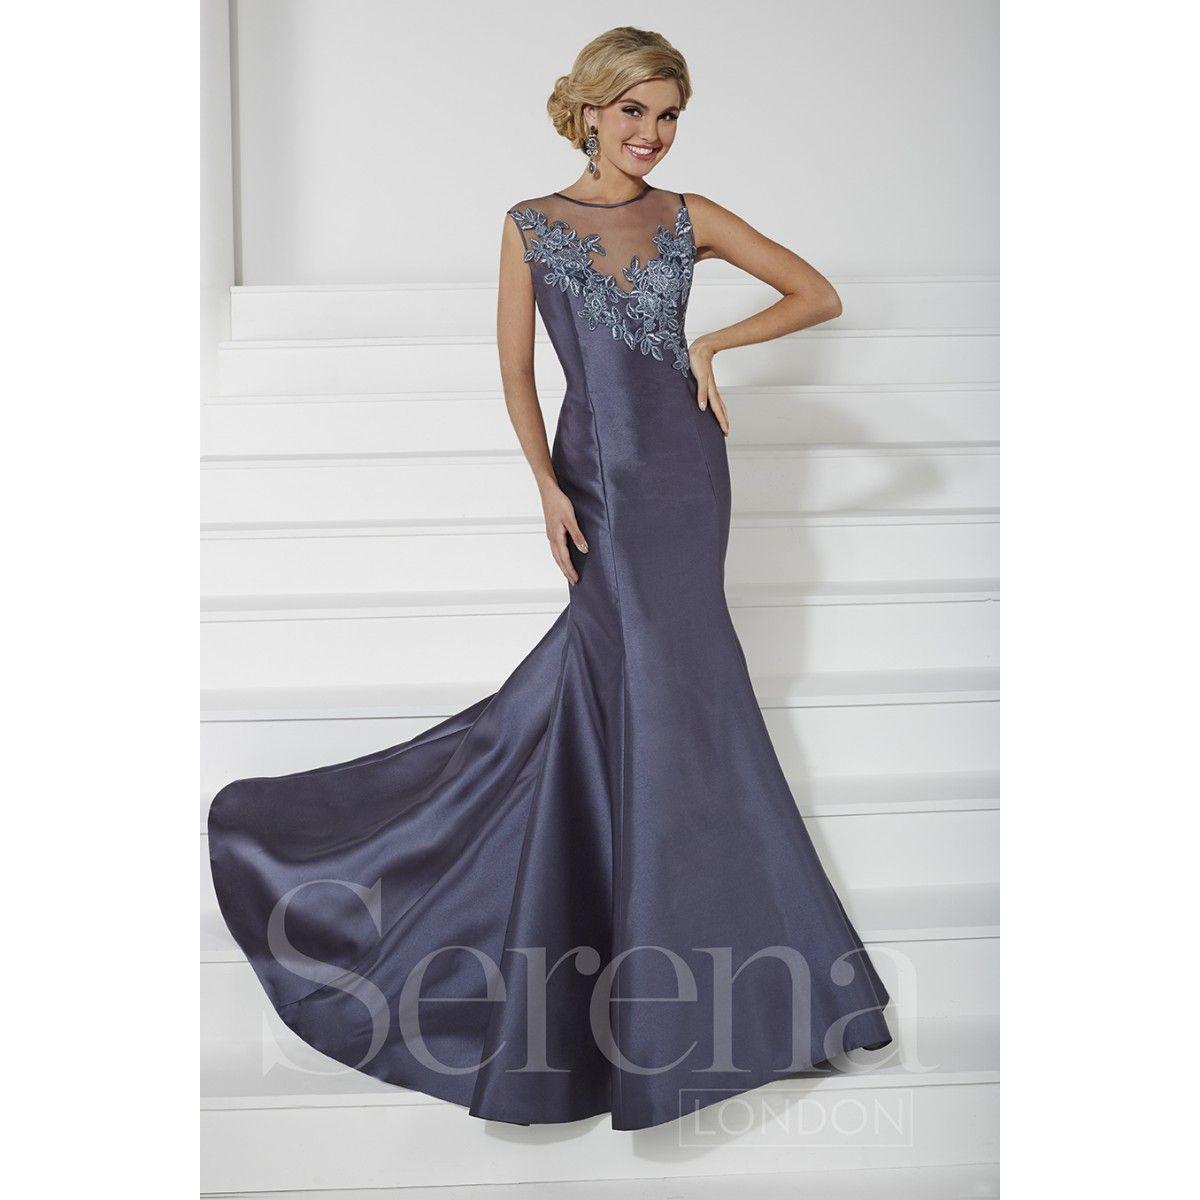 Excepcional Vestido De Fiesta Blanco Serena Ideas Ornamento ...